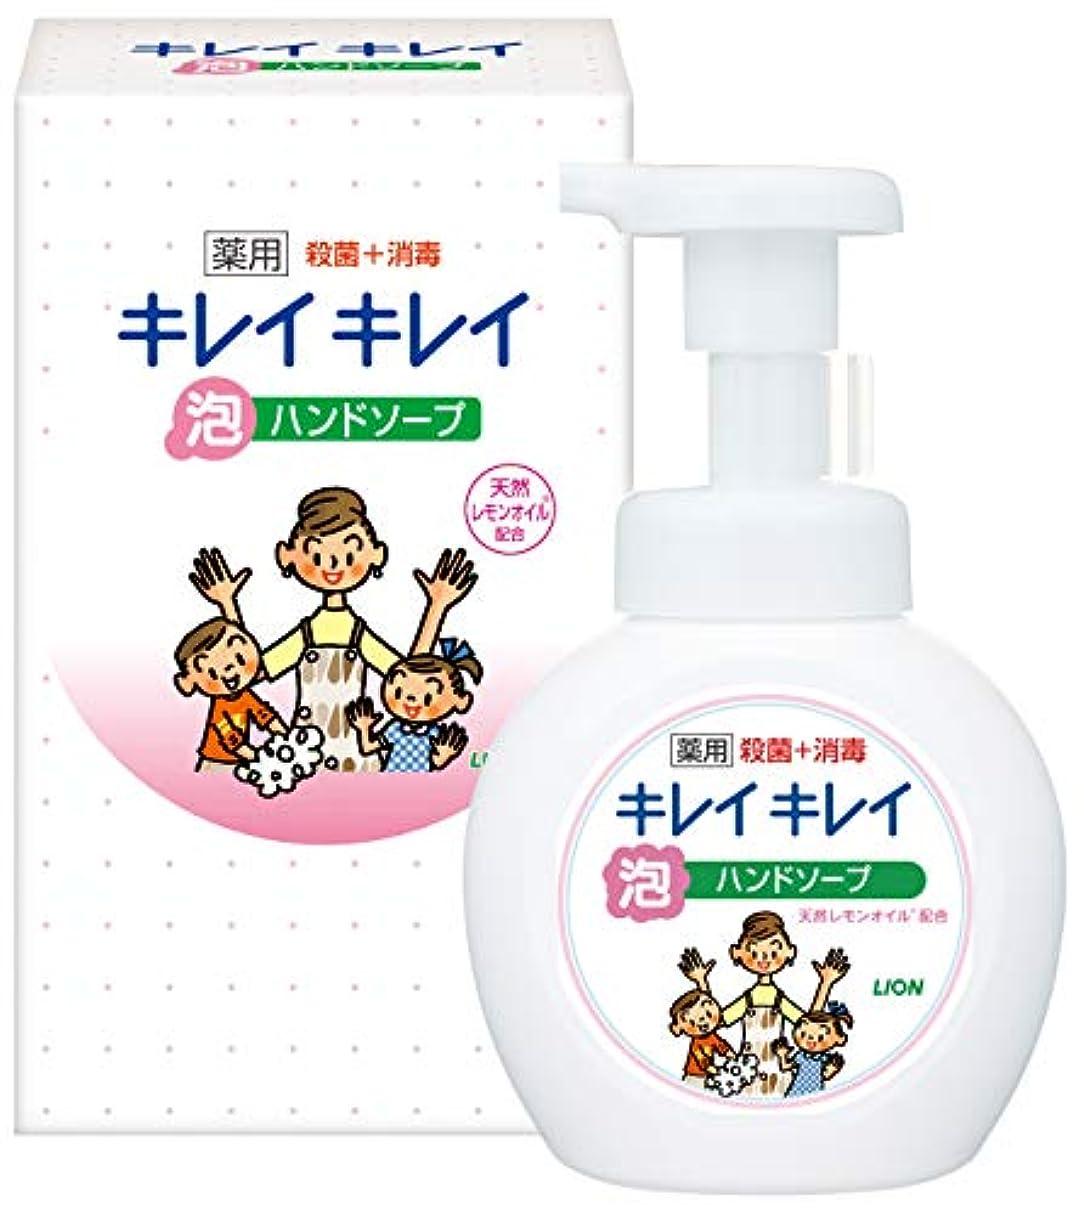 繁雑フィクション植生LION キレイキレイ薬用泡ハンドソープ250ml ノベルティギフト用化粧箱入